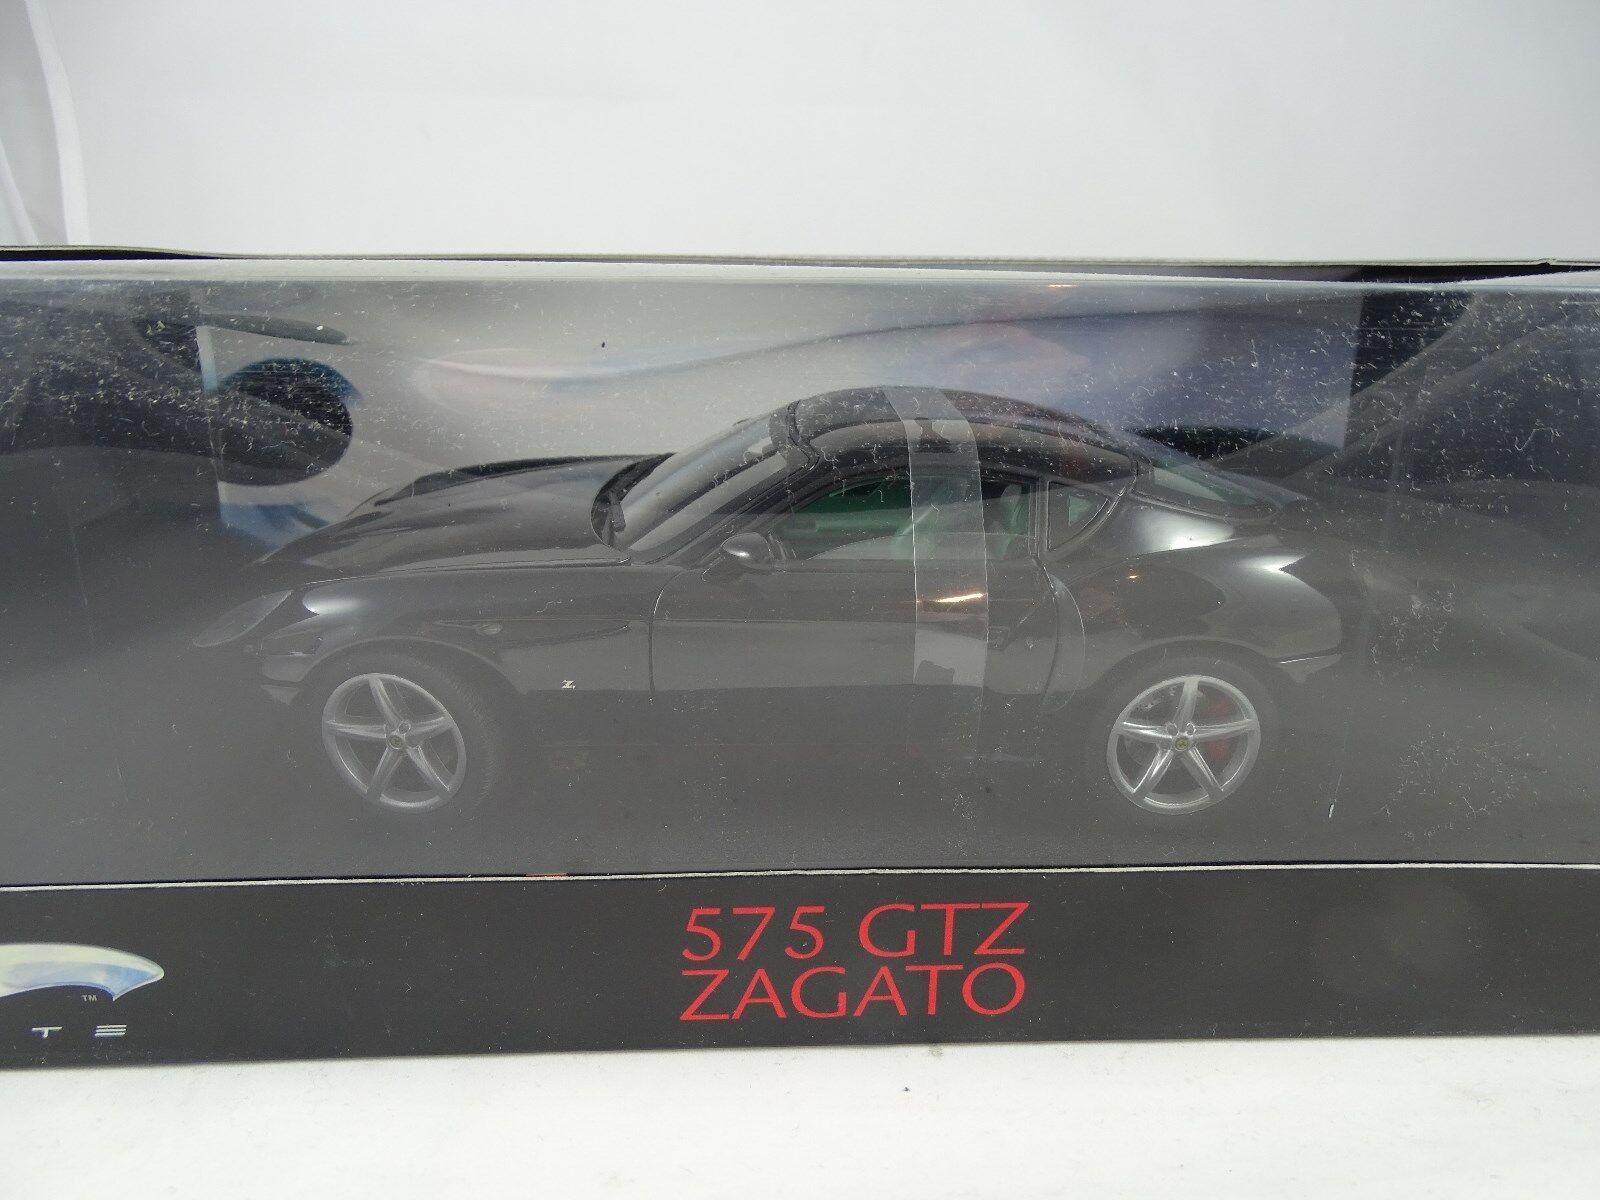 1 18 Matell Elite   L2983 Ferrari 575 Gtz Zagato Negro Rareza§